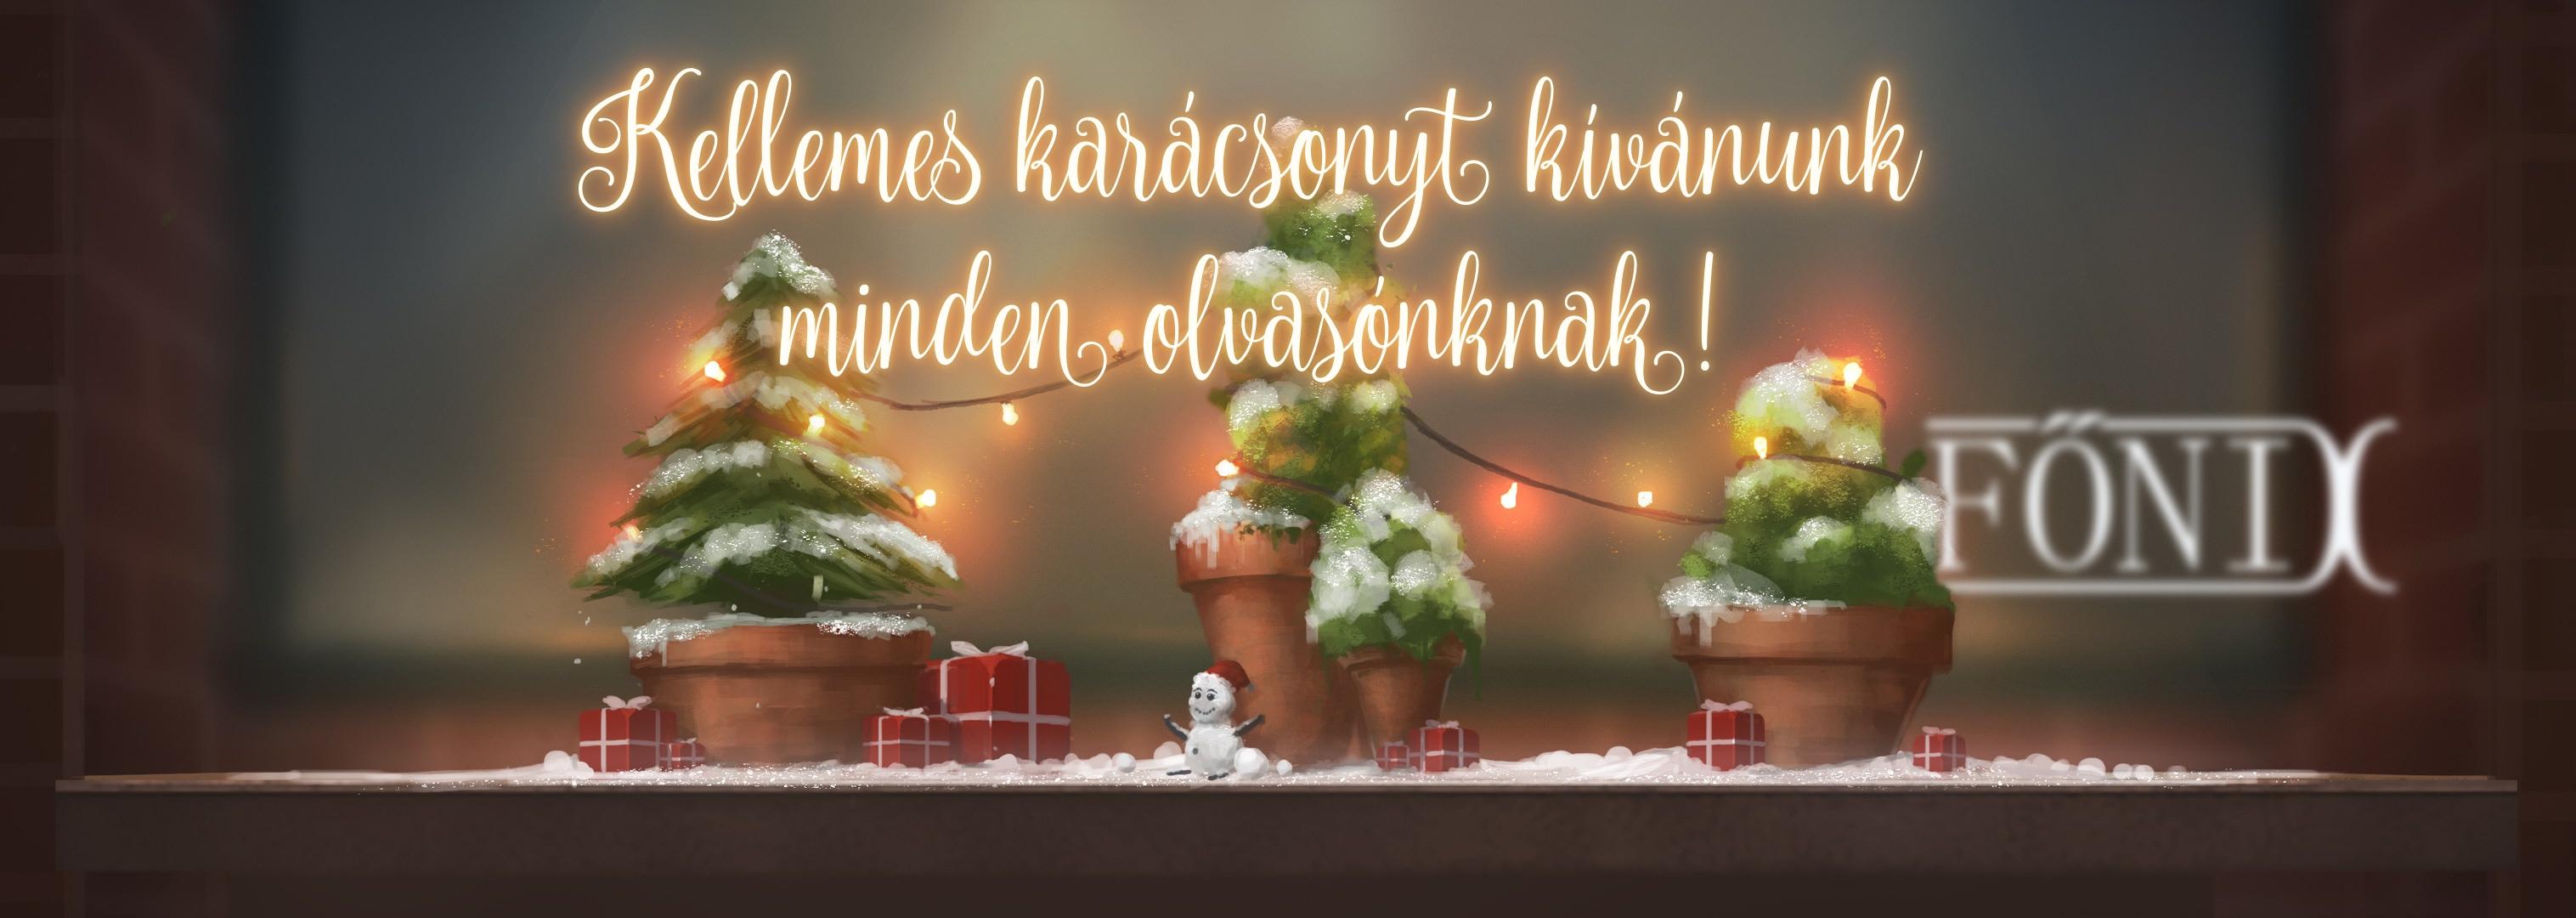 Kellemes karácsonyt kívánunk minden olvasónknak!